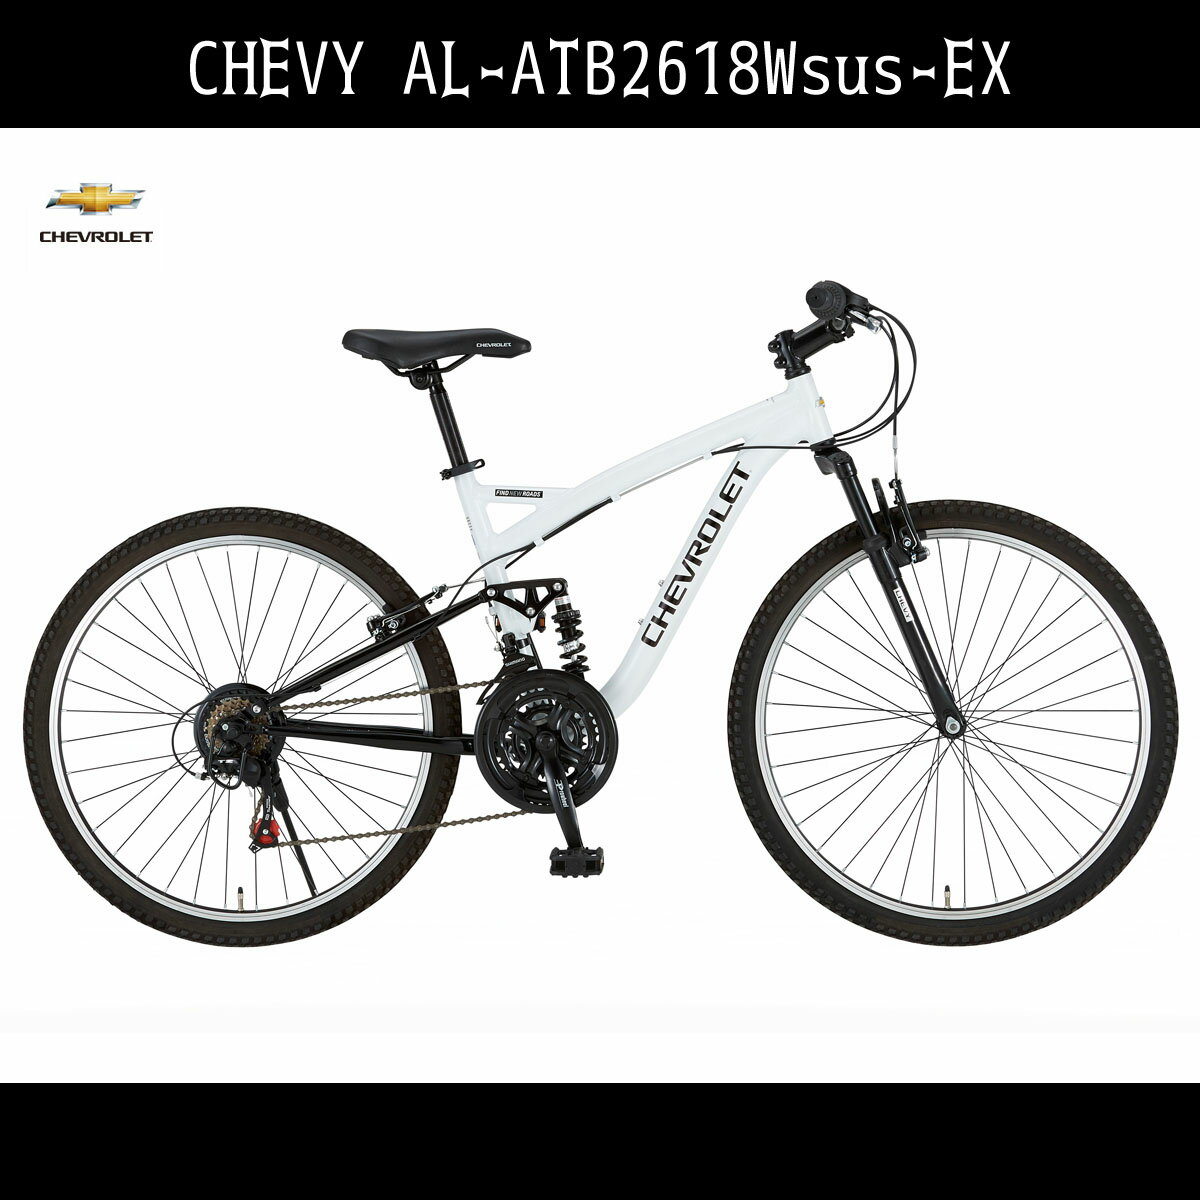 一都三県限定 アルミニウム AL-ATB2618EX シボレー 自転車 シェビー CHEVY CHEVROLET アルミ 外装18段変速ギアつき マウンテンバイク 26インチ 白色 ホワイト 自転車 シボレー マウンテンバイク 送料無料 売切御免 ギア付 激安 通販 おしゃれ